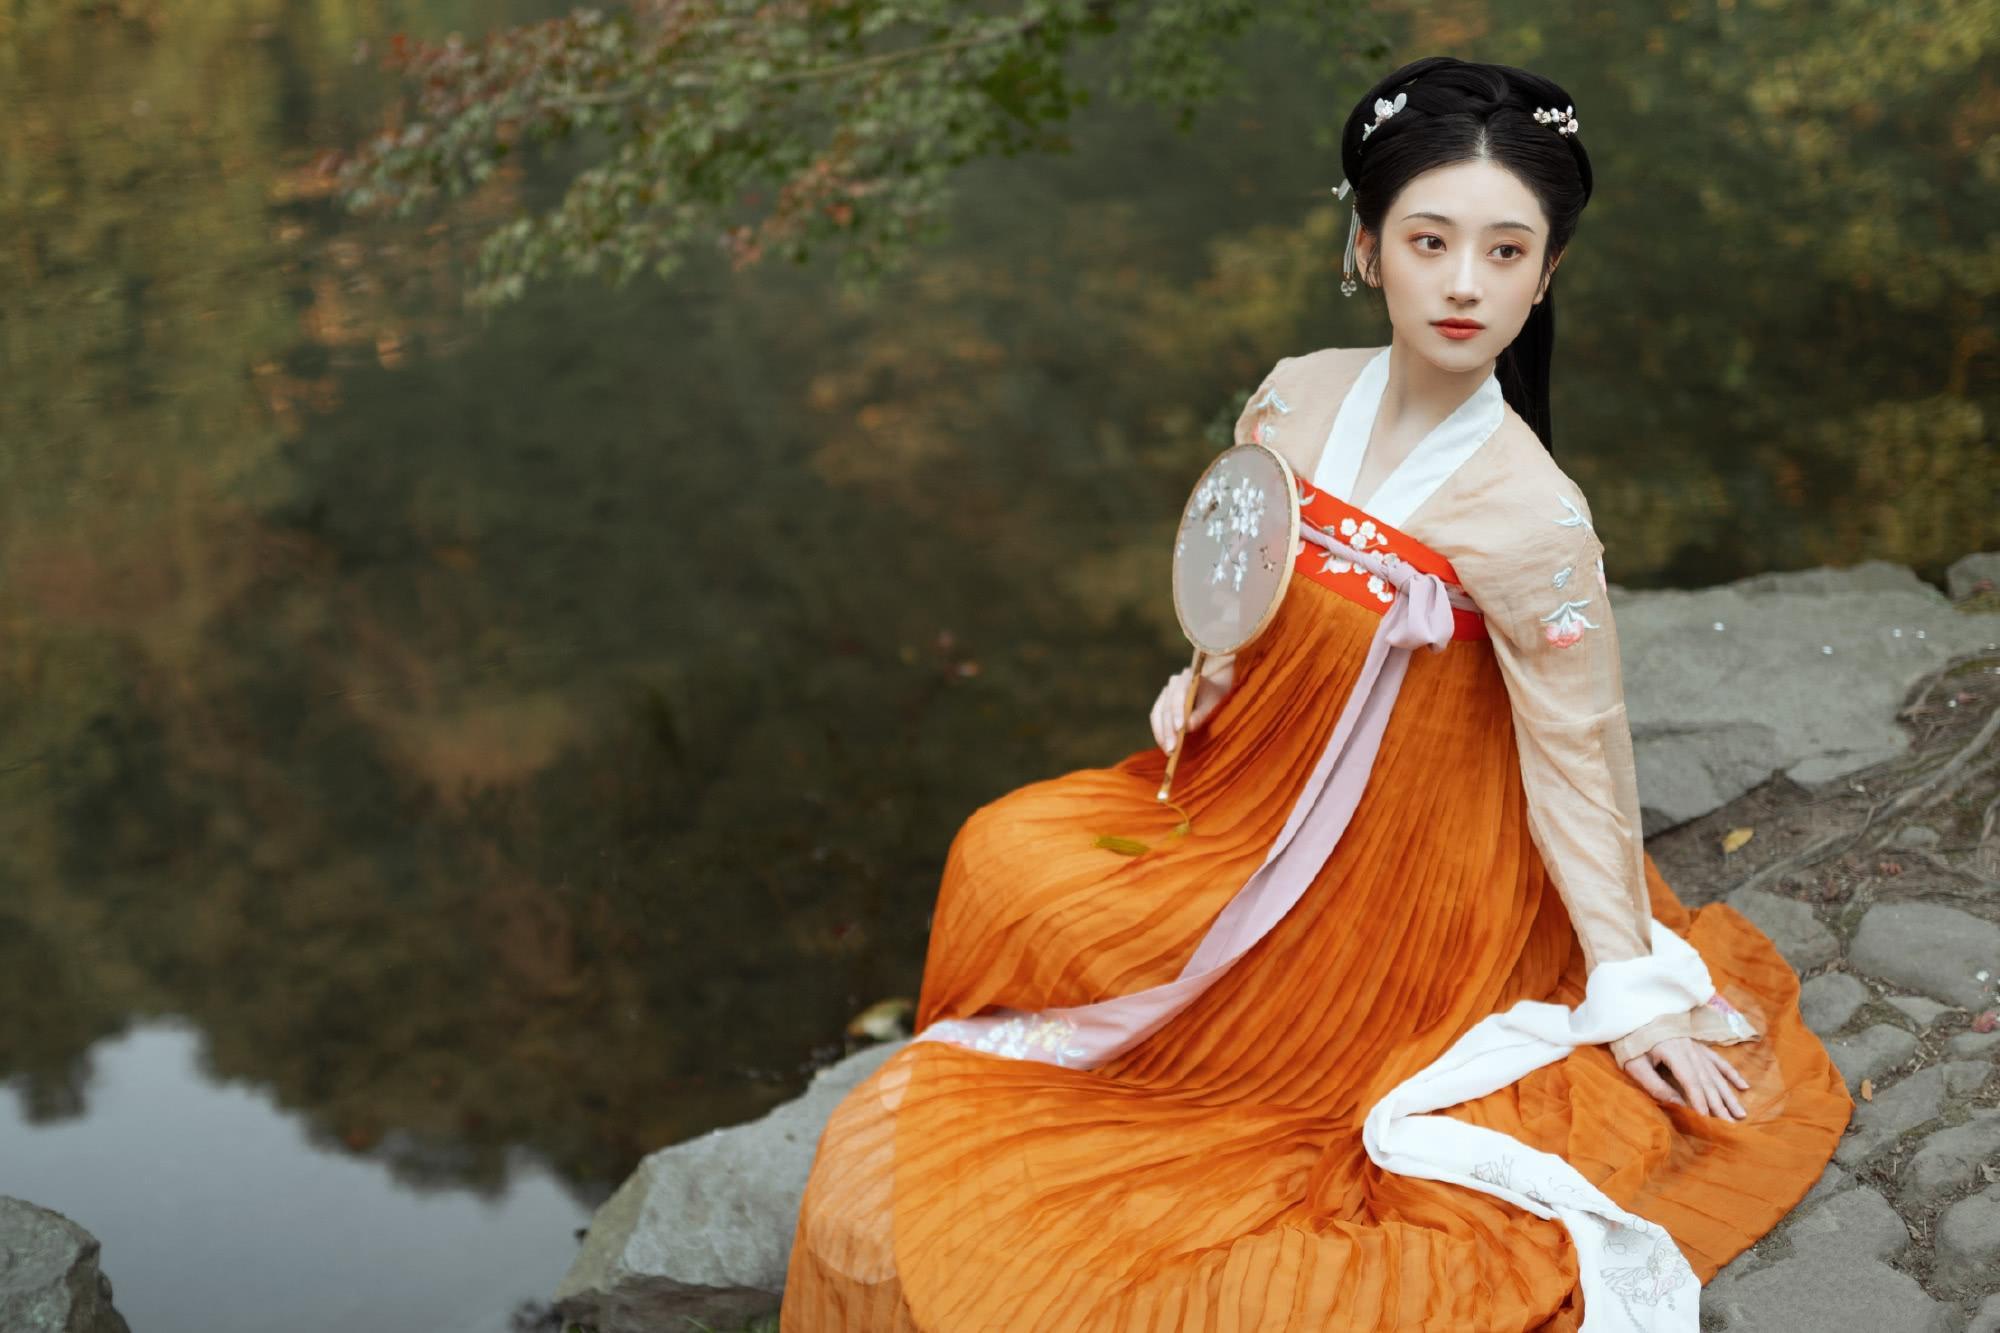 欧洲媒体关注中国传统服饰热潮:中国年轻人正在复兴传统文化